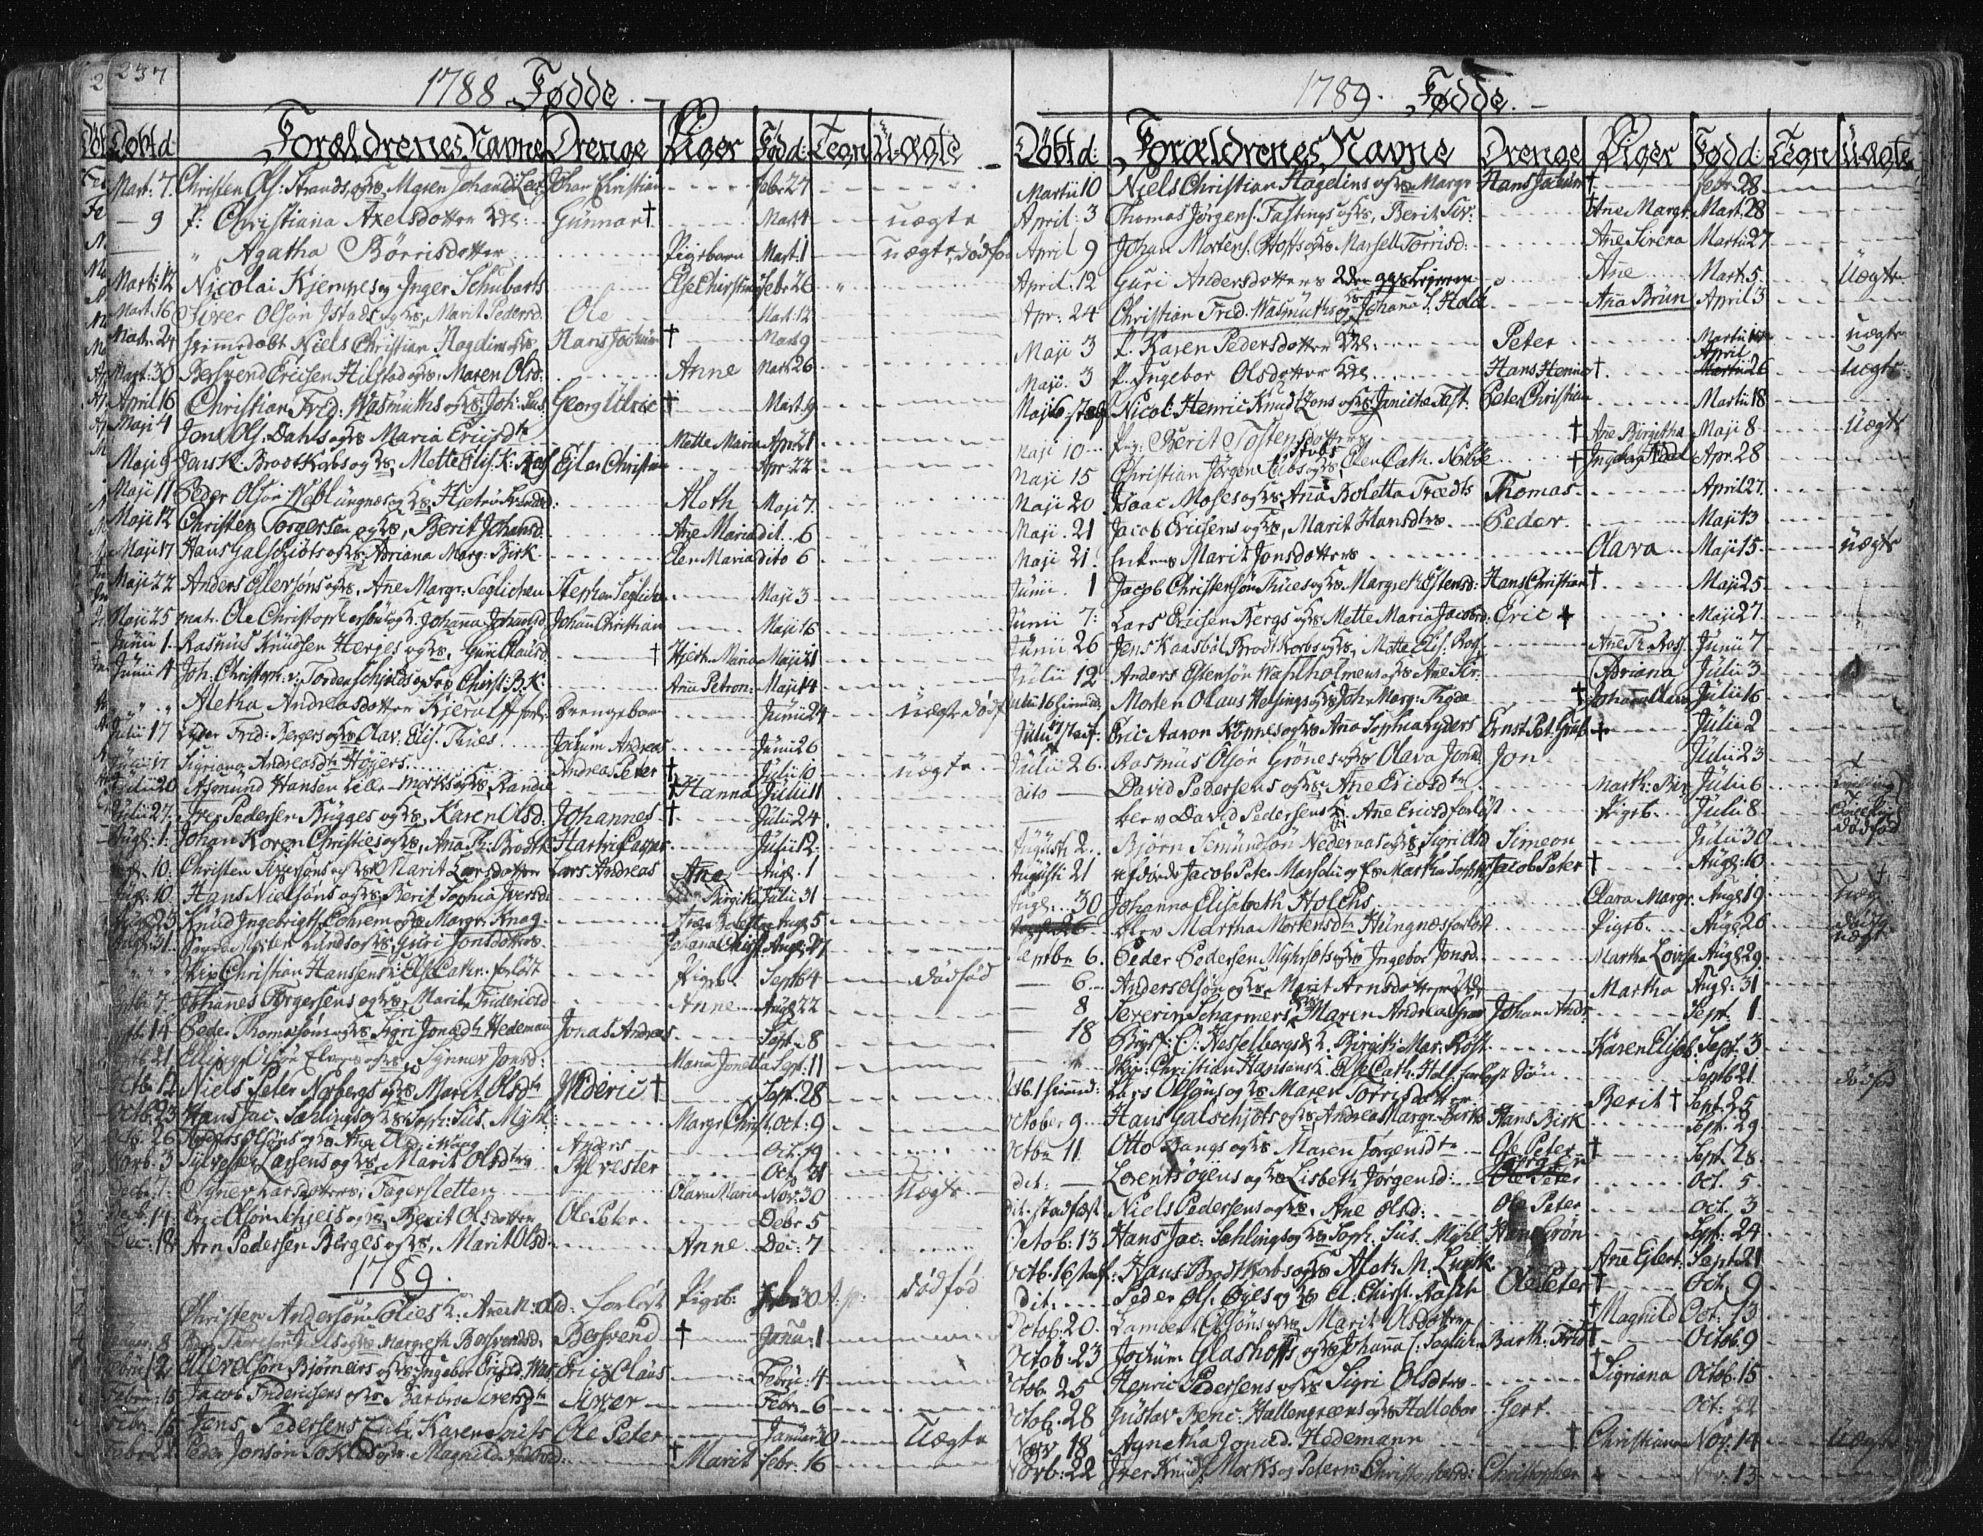 SAT, Ministerialprotokoller, klokkerbøker og fødselsregistre - Møre og Romsdal, 572/L0841: Ministerialbok nr. 572A04, 1784-1819, s. 237